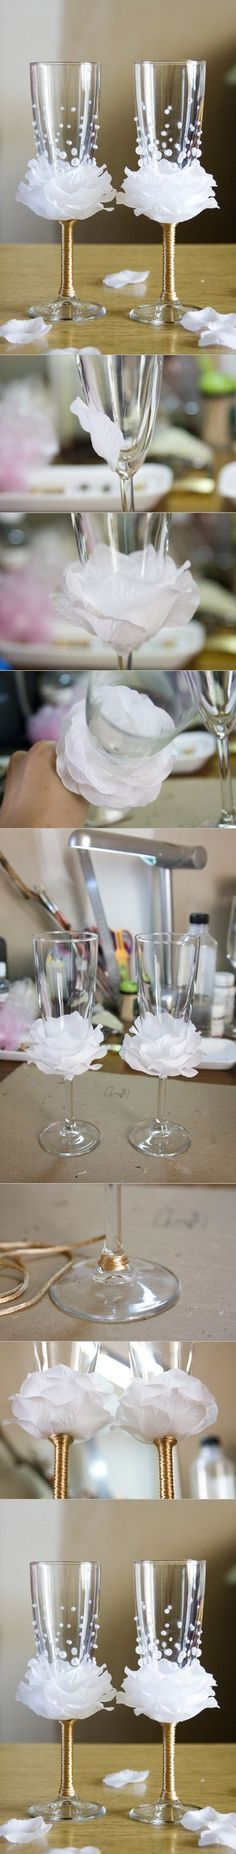 Bonjour à tous ! Pour mettre un peu de pep's et de folie dans votre vaisselle, rien de tel que le DIY (Do It Yourself). Pas besoin de se ruiner dans...